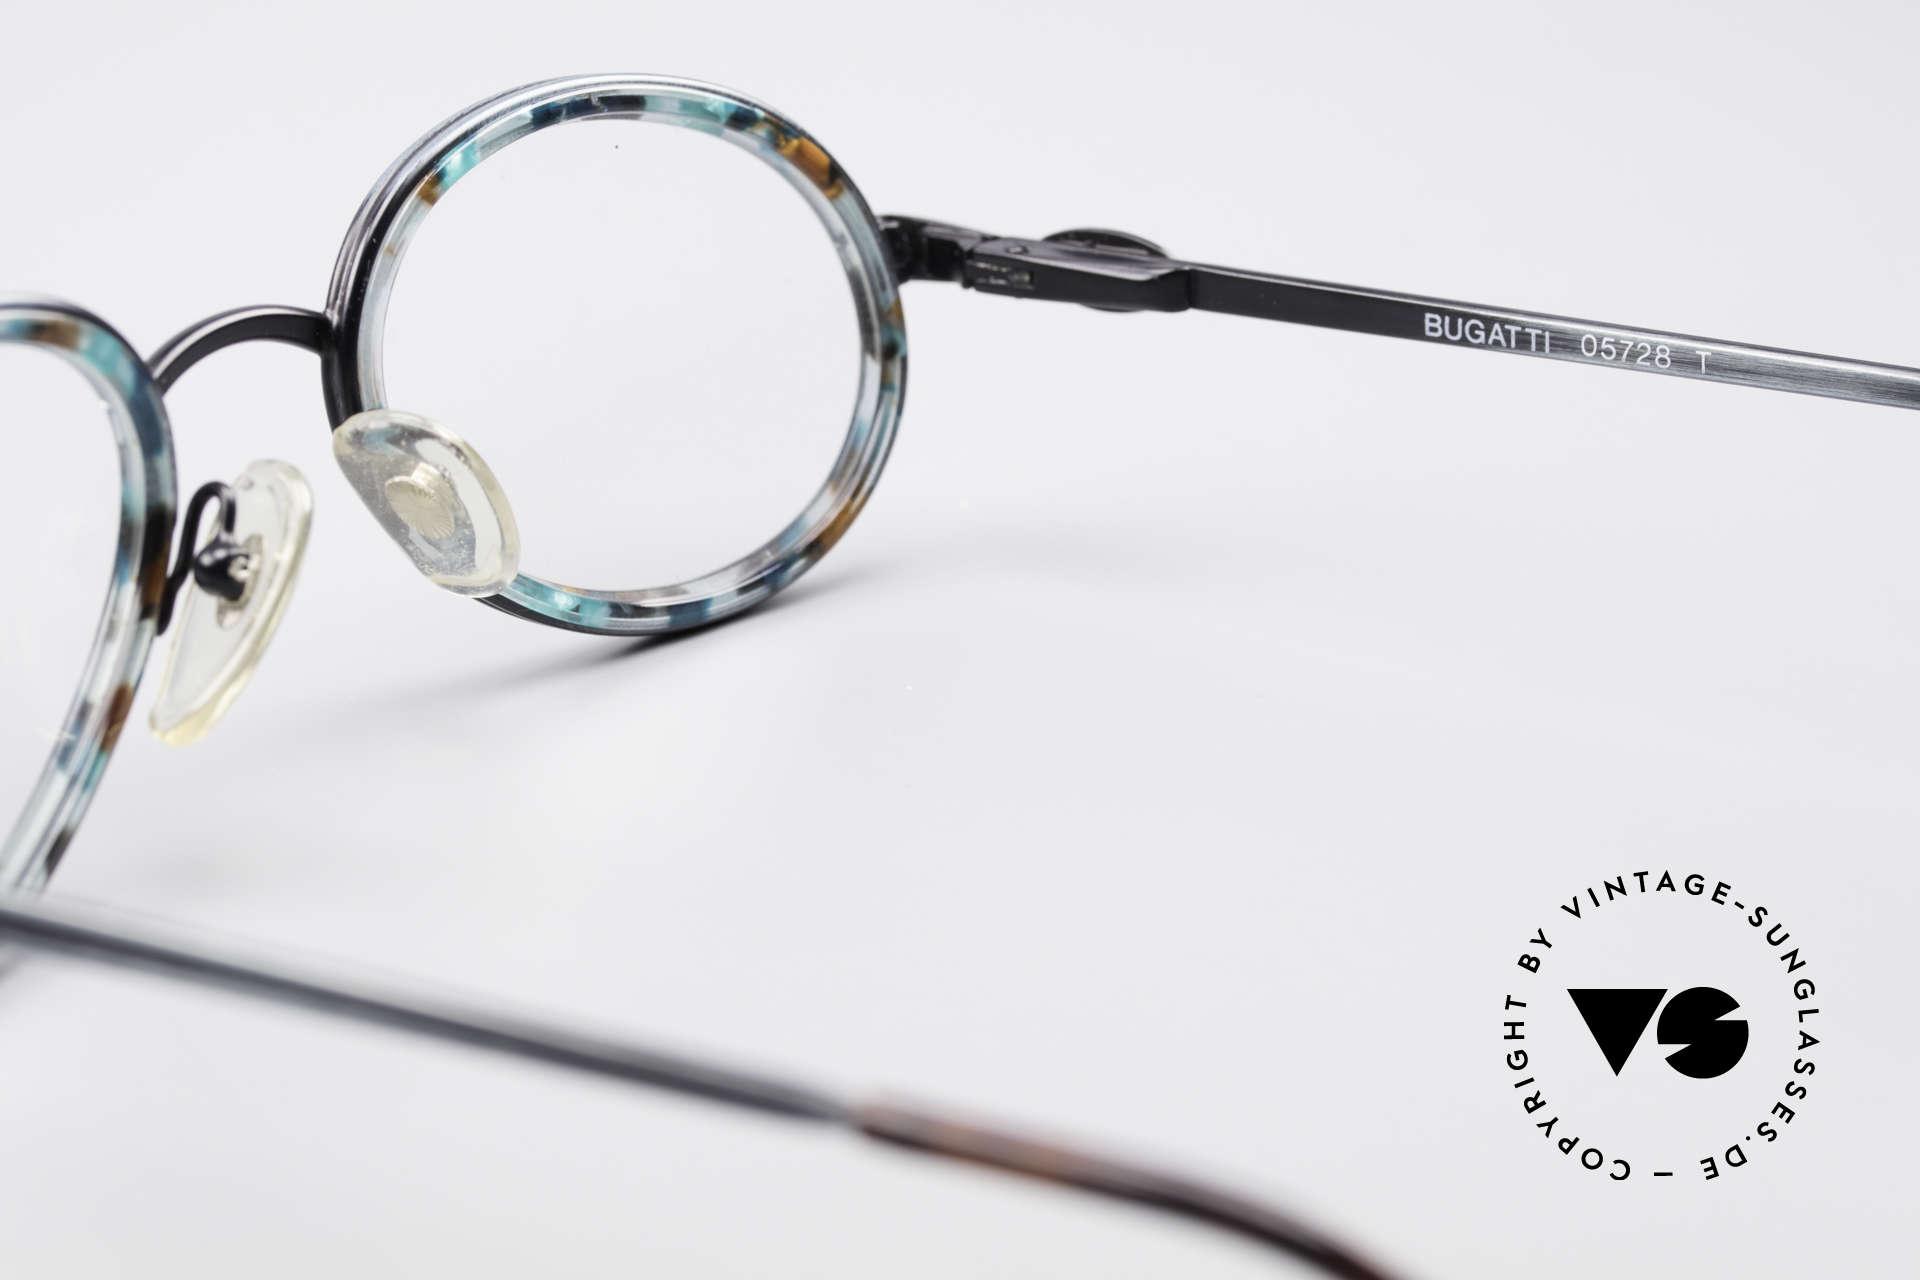 Bugatti 05728T 90's Men's Eyeglasses, NO retro glasses, but a 25 years old Bugatti ORIGINAL, Made for Men